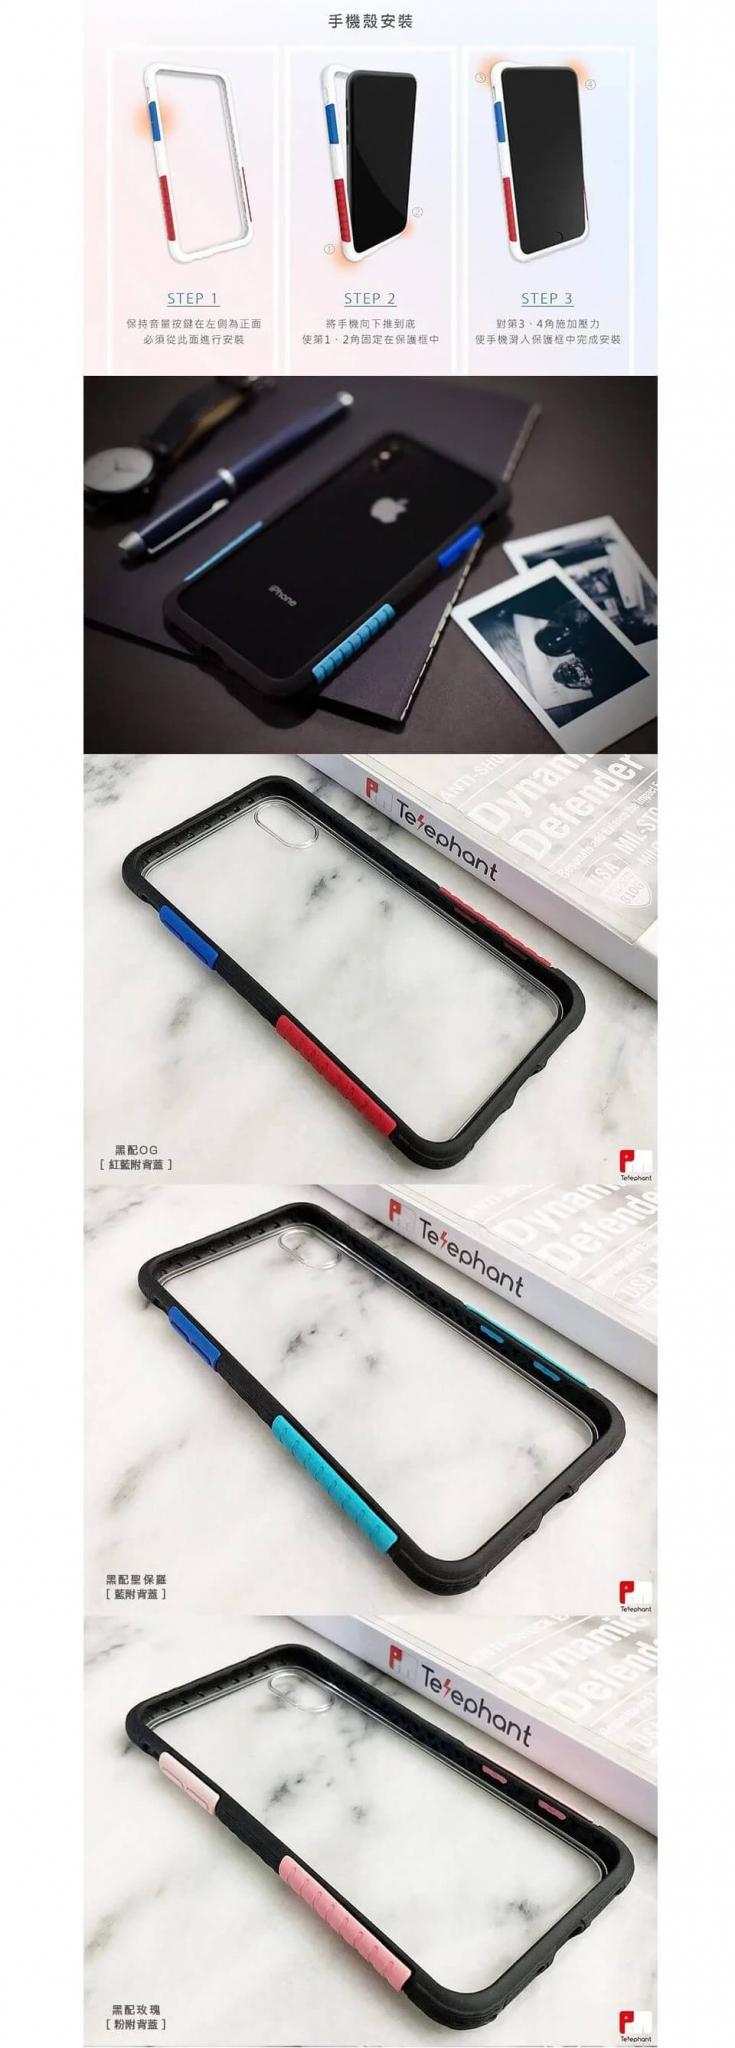 太樂芬 NMDer 抗污防摔邊框 iPhone XR